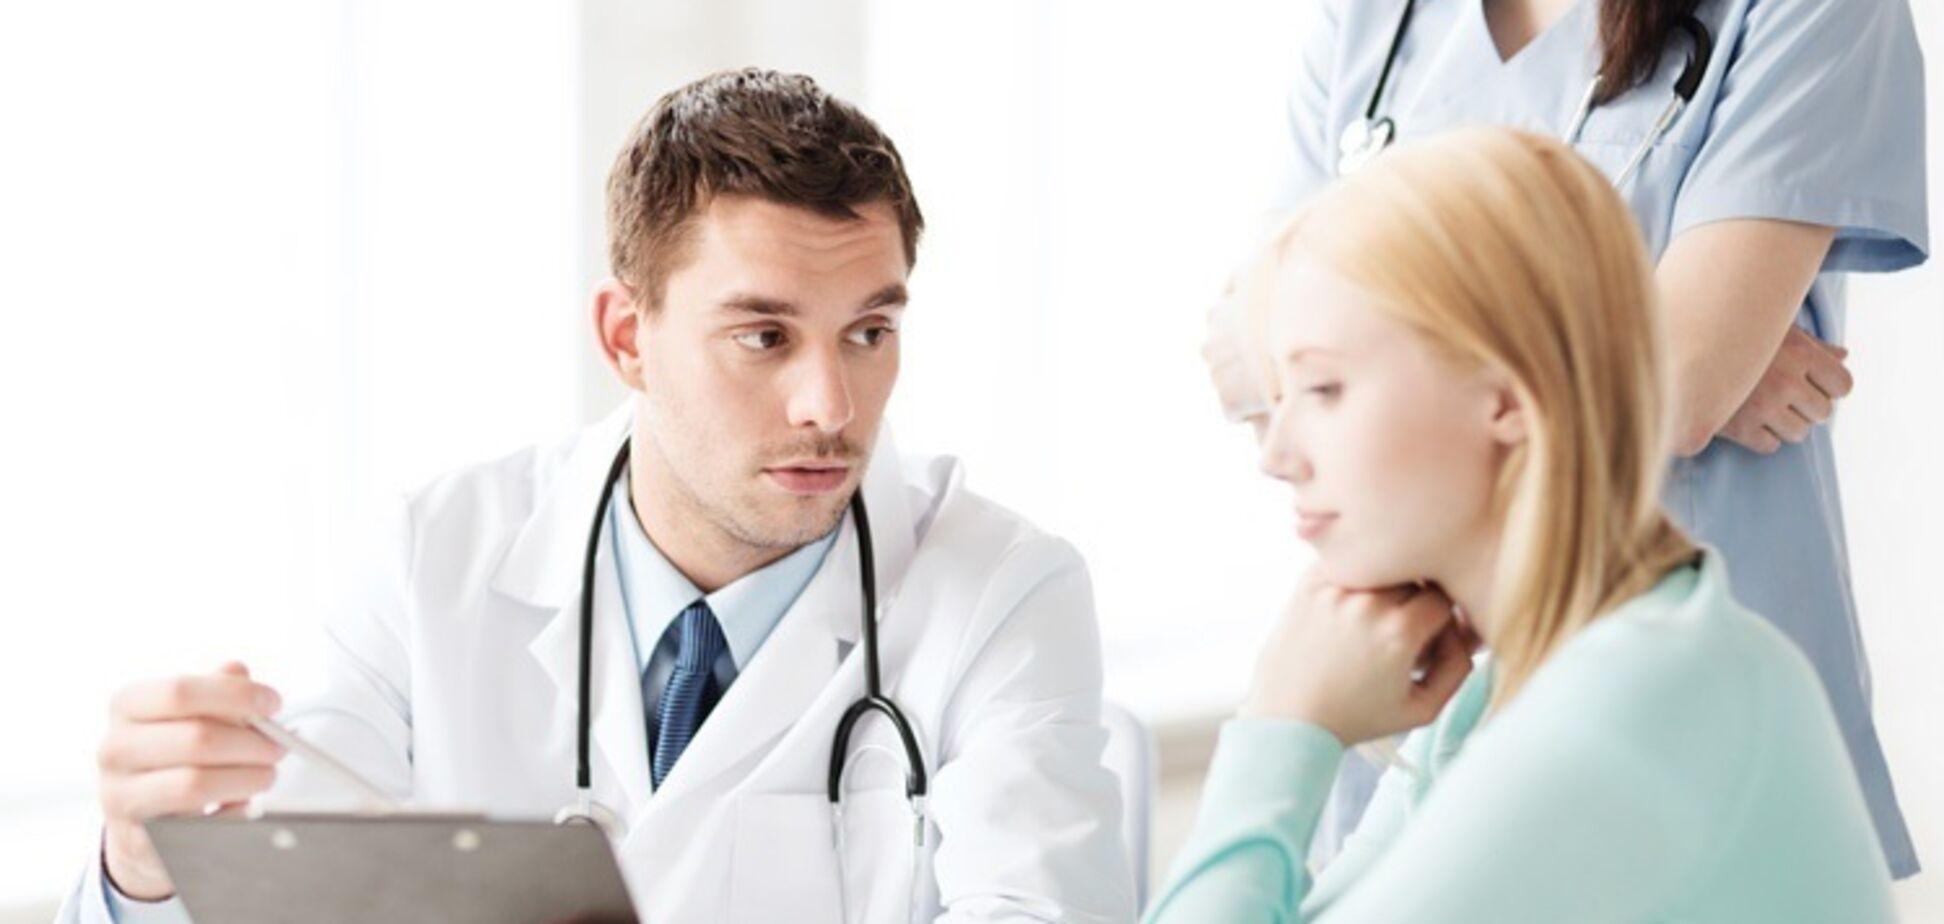 Онкология у близкого человека: чем вы можете помочь